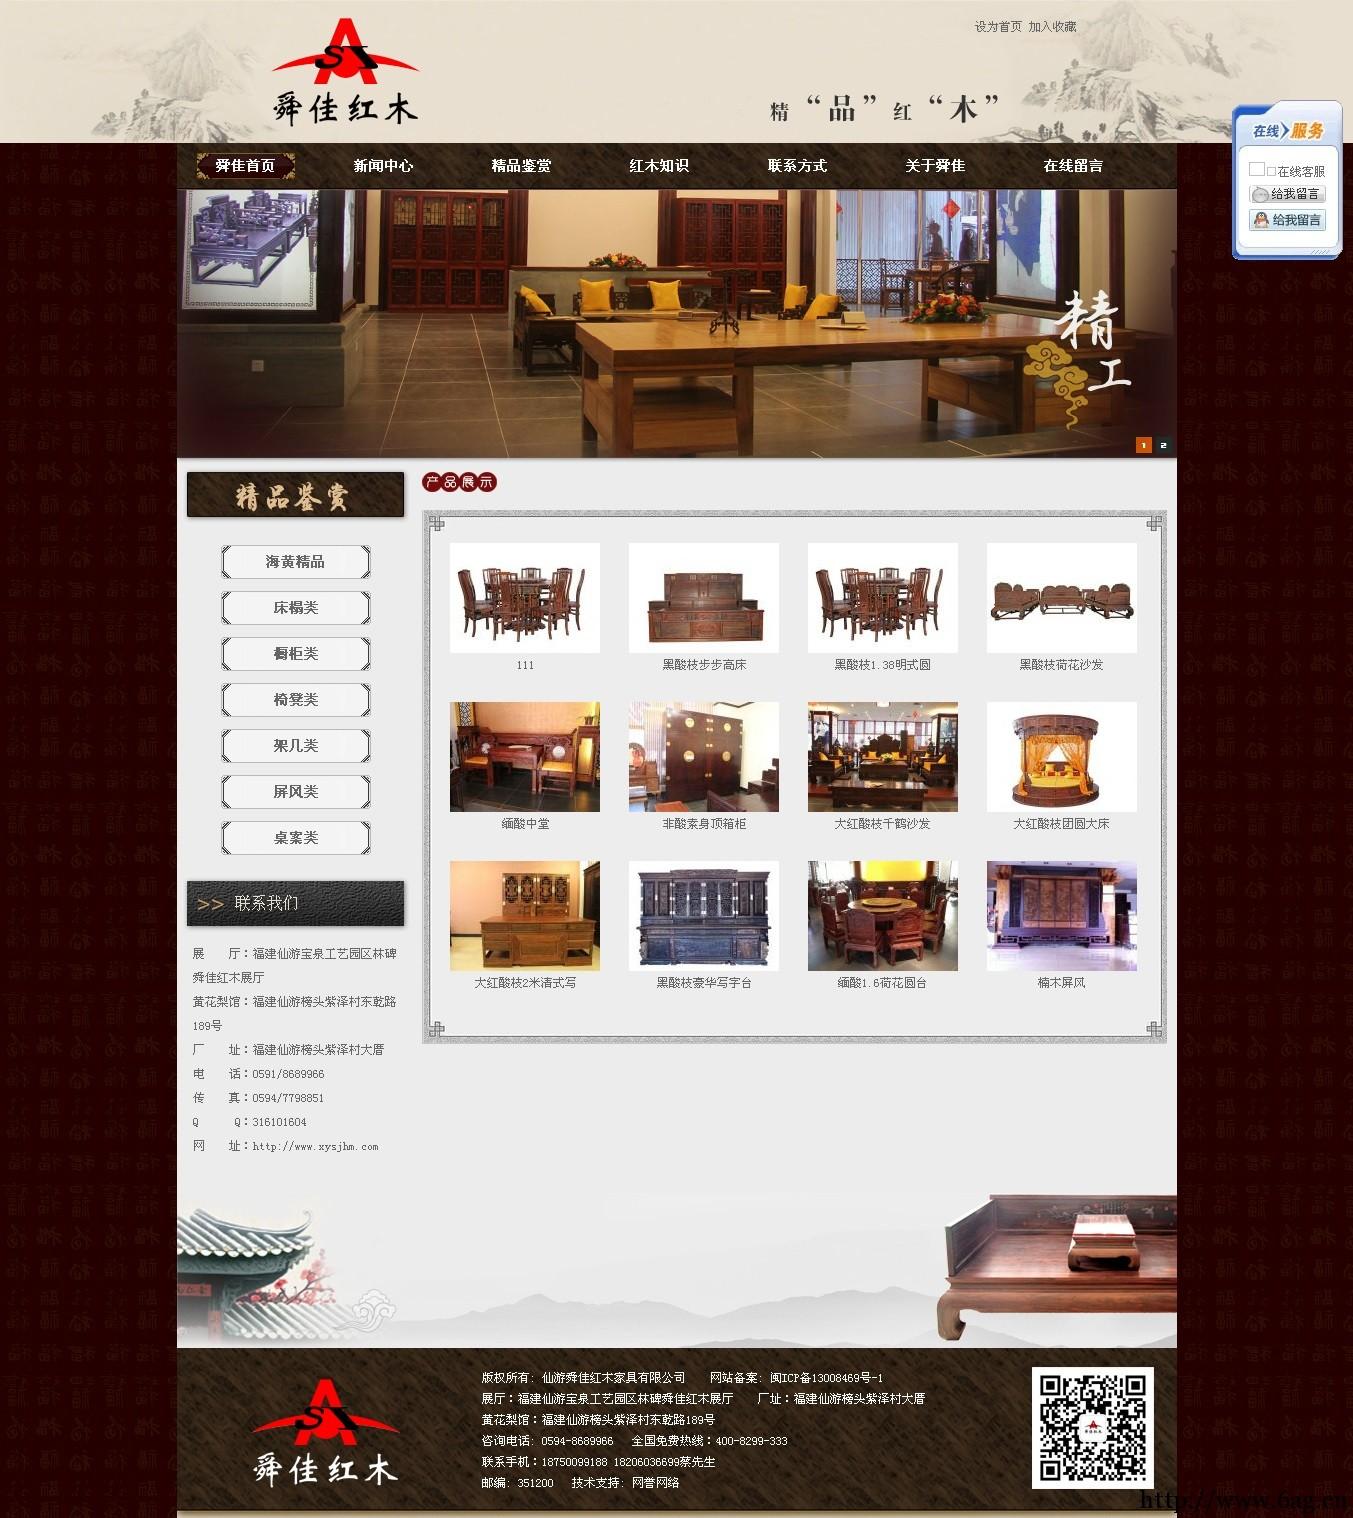 企业网站整站:红木家具网站整站打包